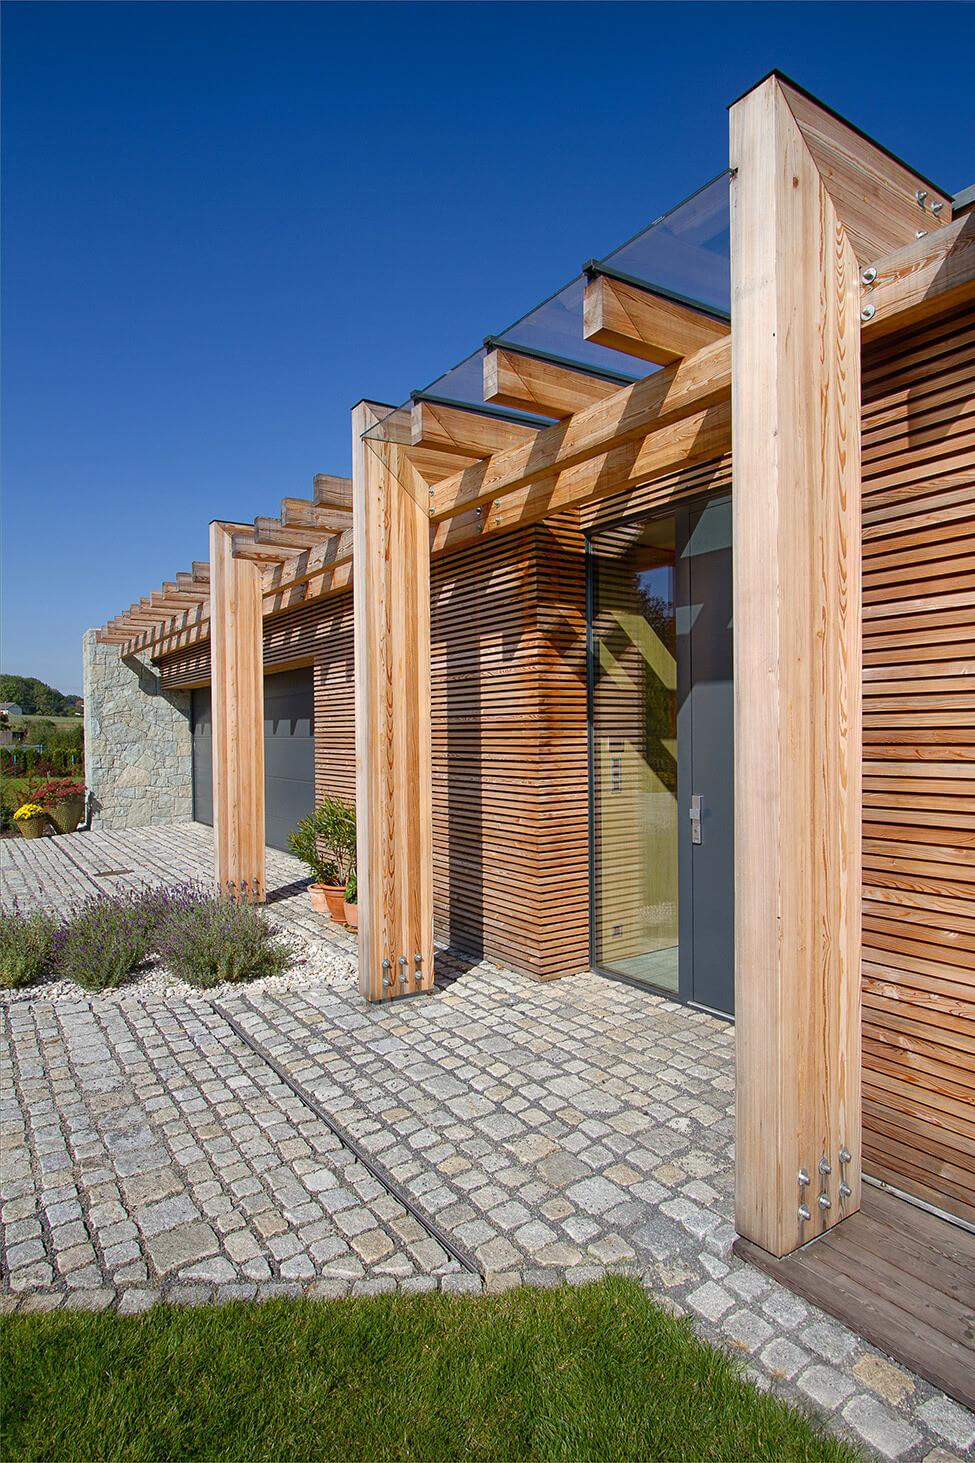 Nhà đẹp chỉ bằng gỗ, đá và cỏ ở Cộng hòa Séc